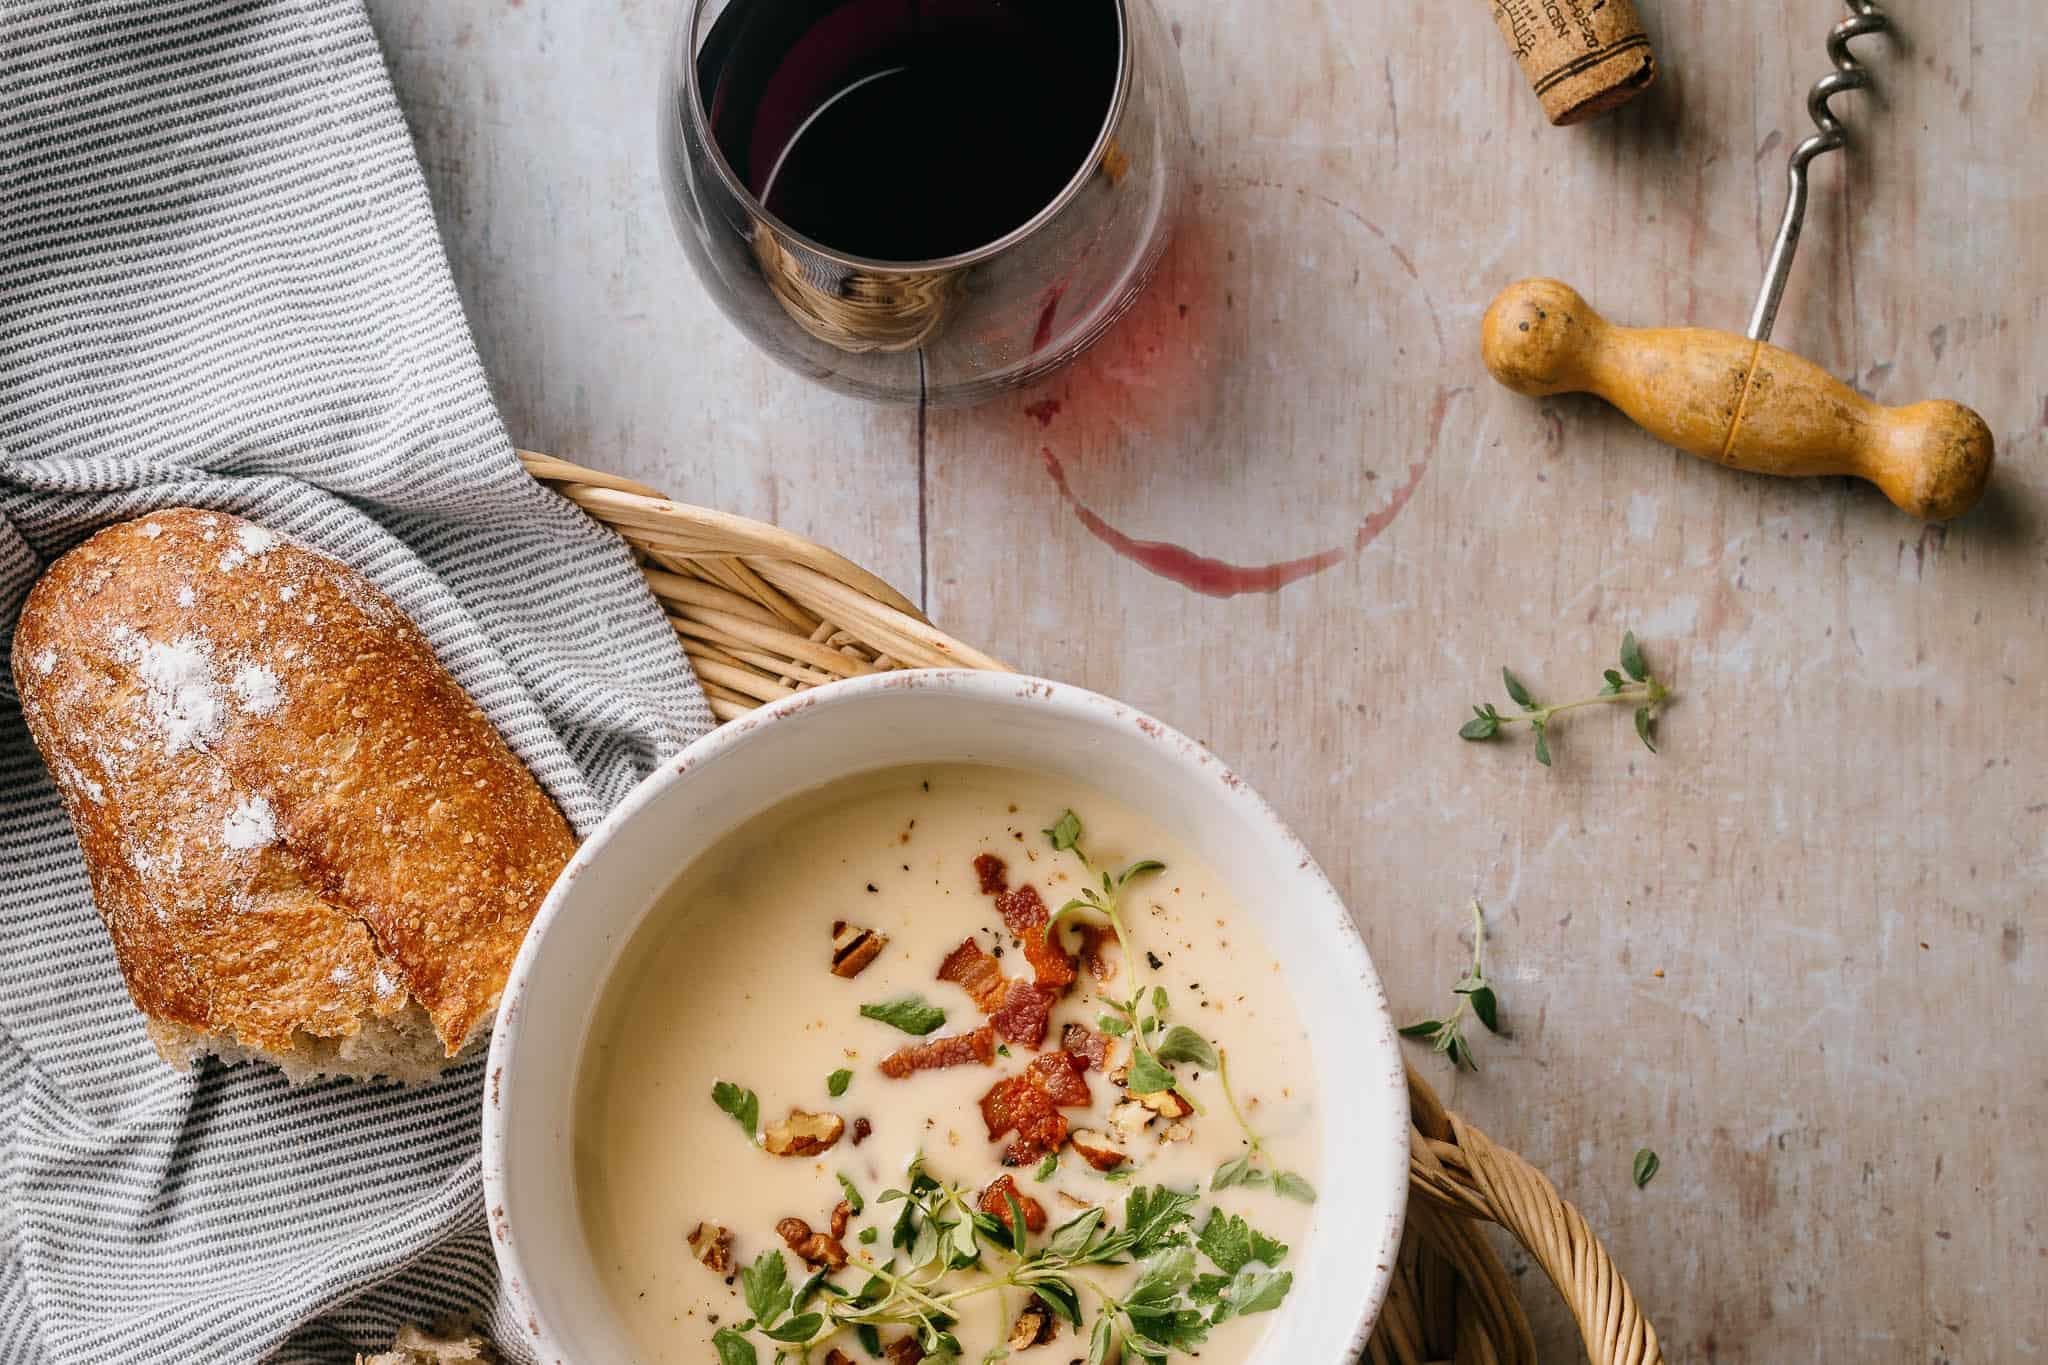 kartoffelsuppe - nem opskrift på suppe -1